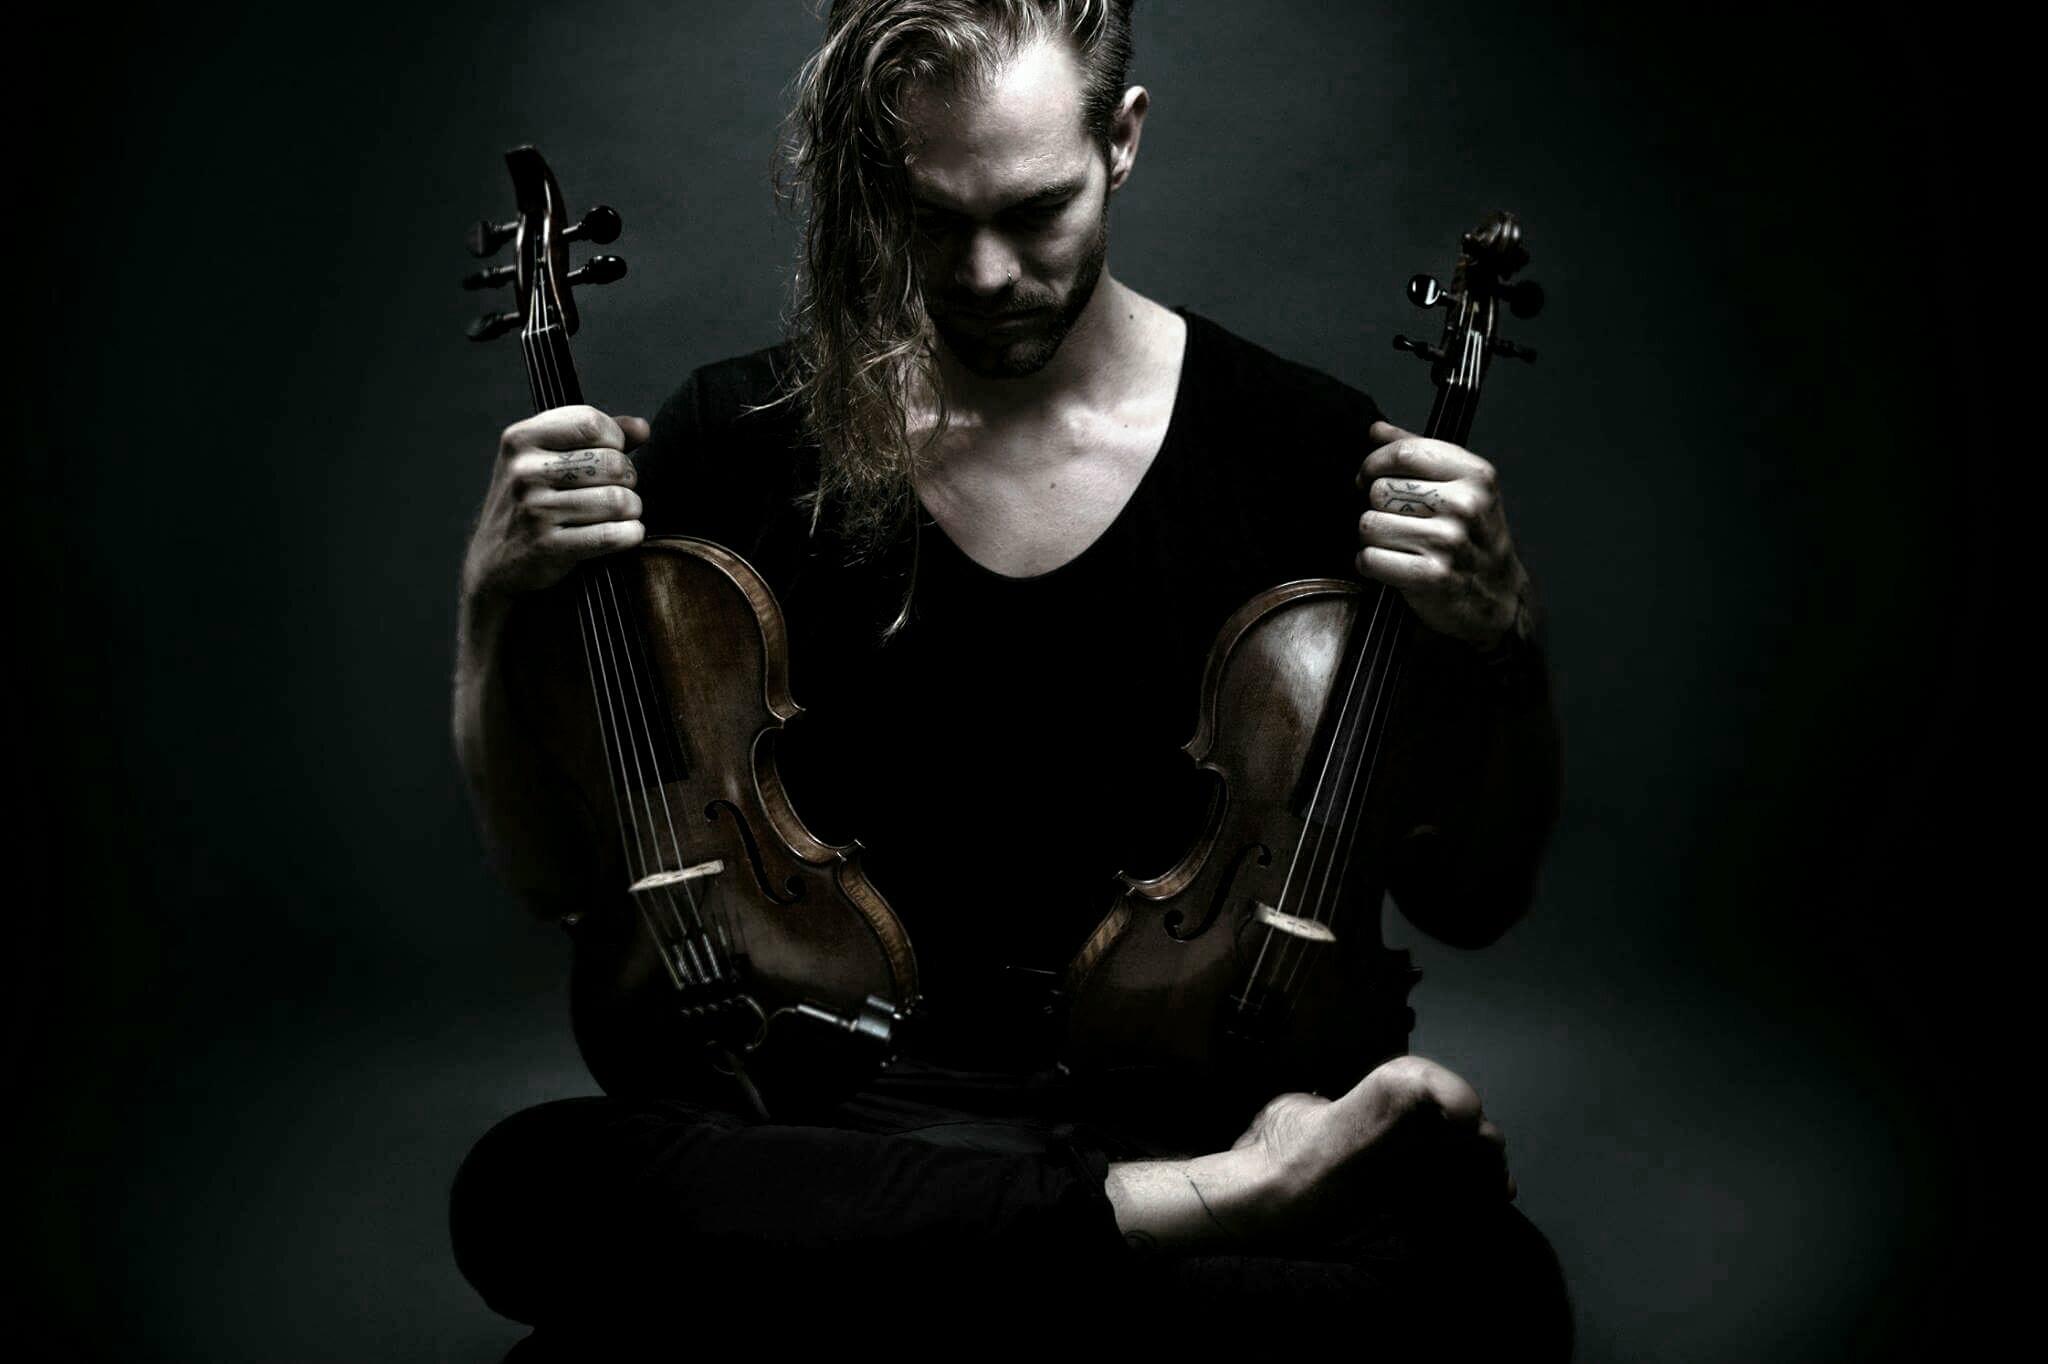 His violin's loops